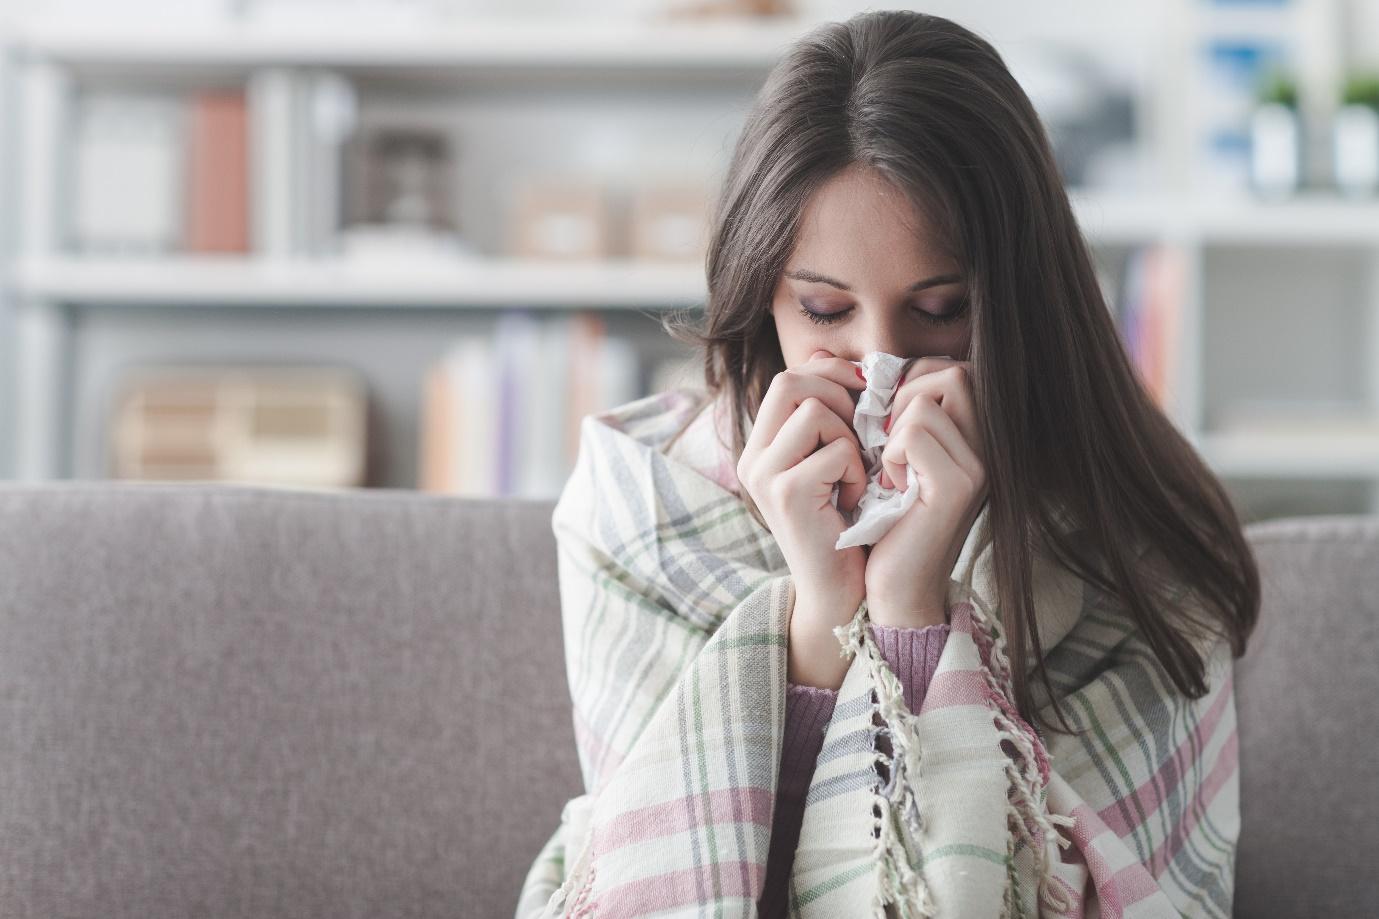 Phòng tránh các bệnh về đường hô hấp thời điểm giao mùa